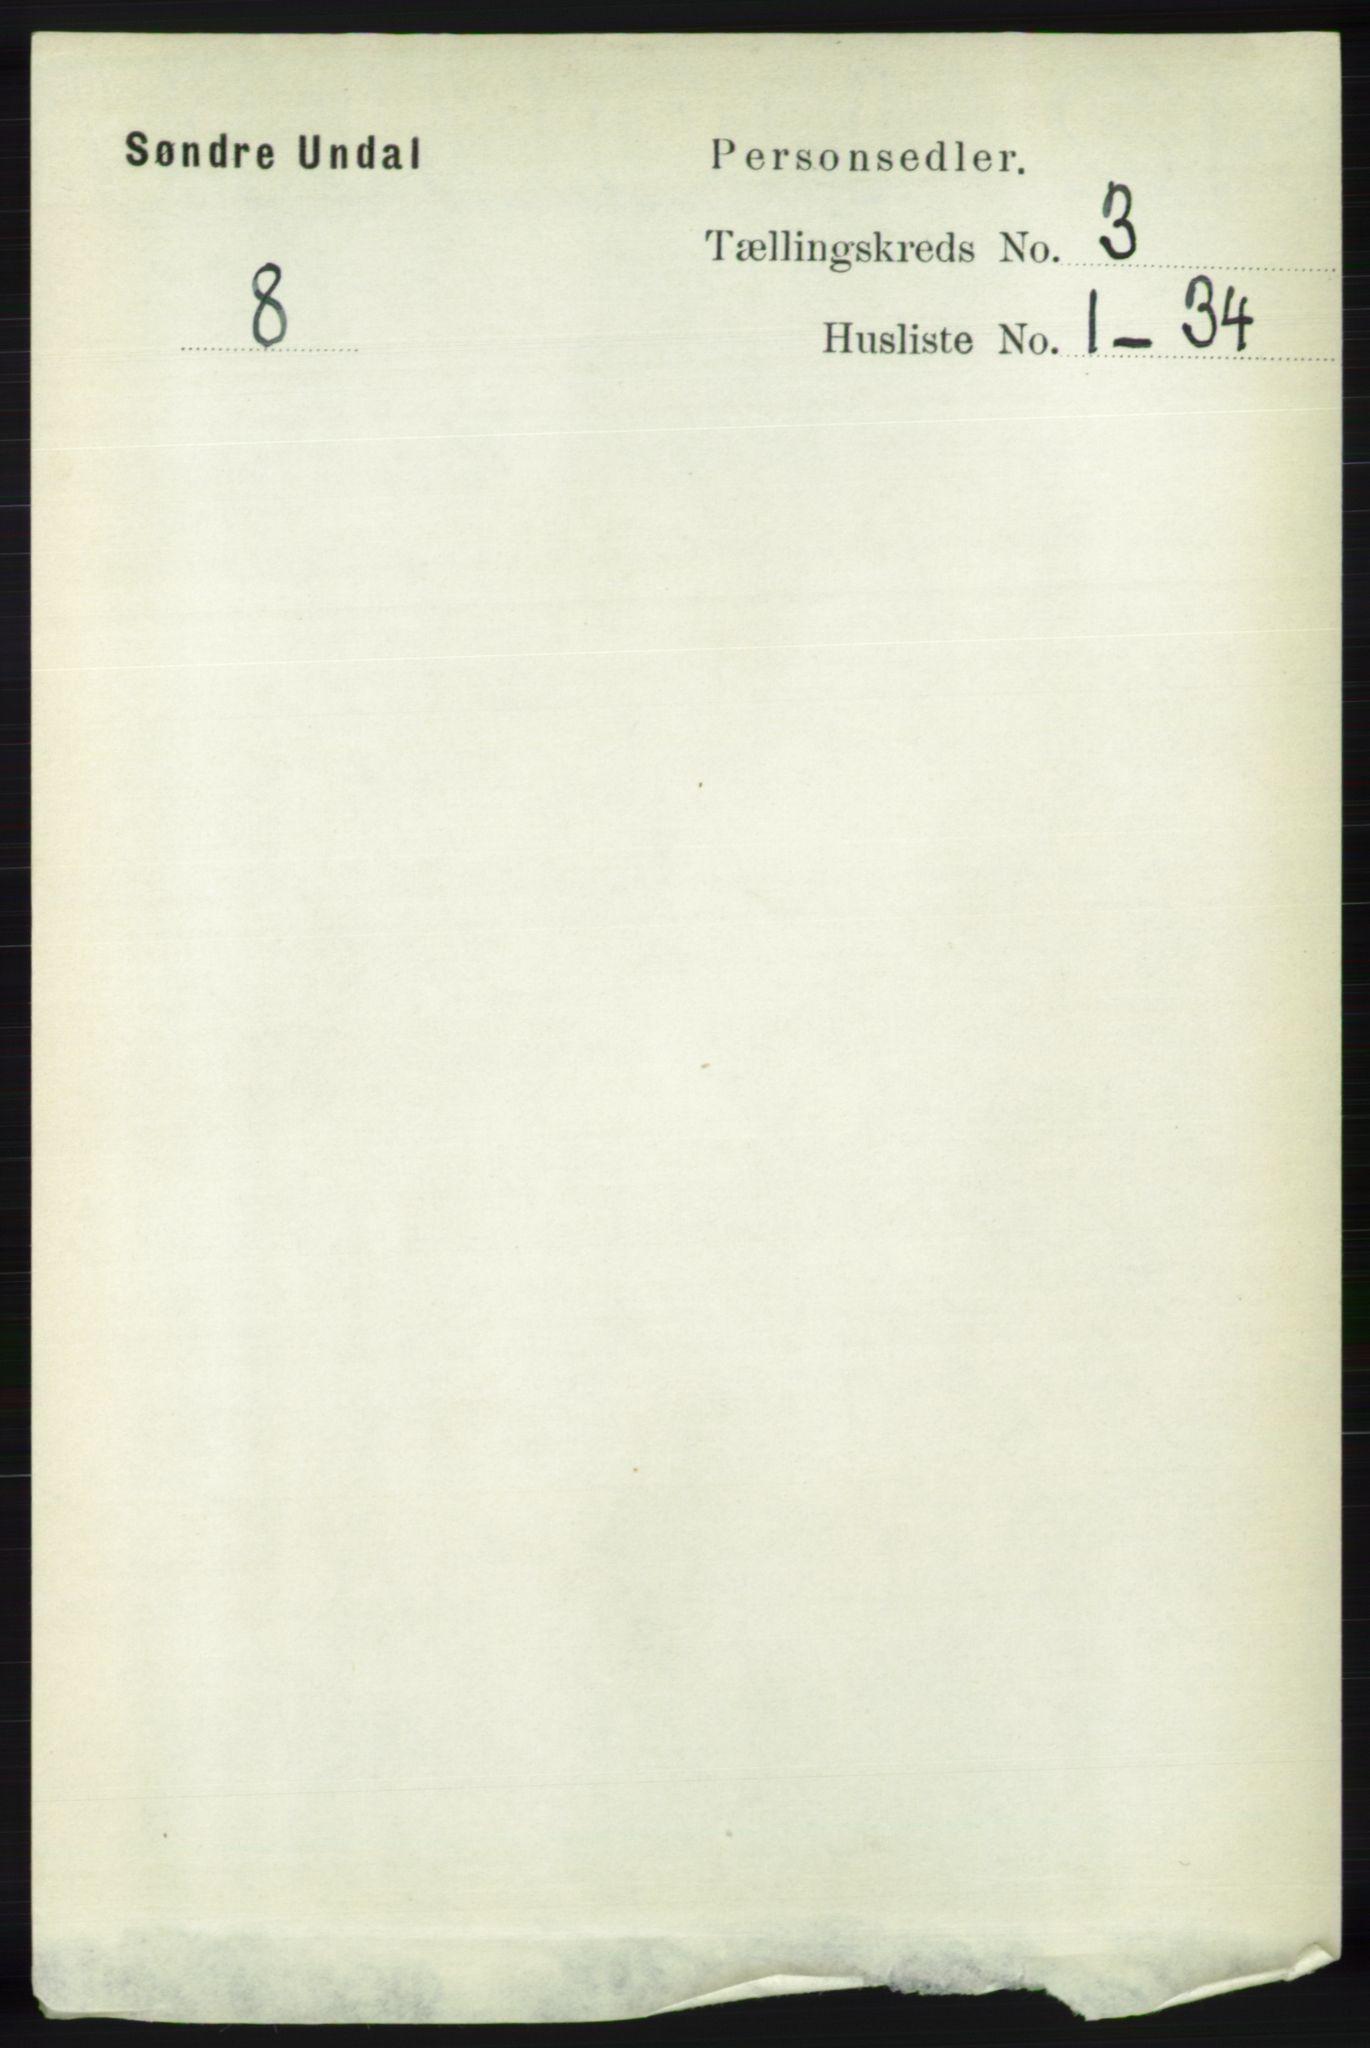 RA, Folketelling 1891 for 1029 Sør-Audnedal herred, 1891, s. 807